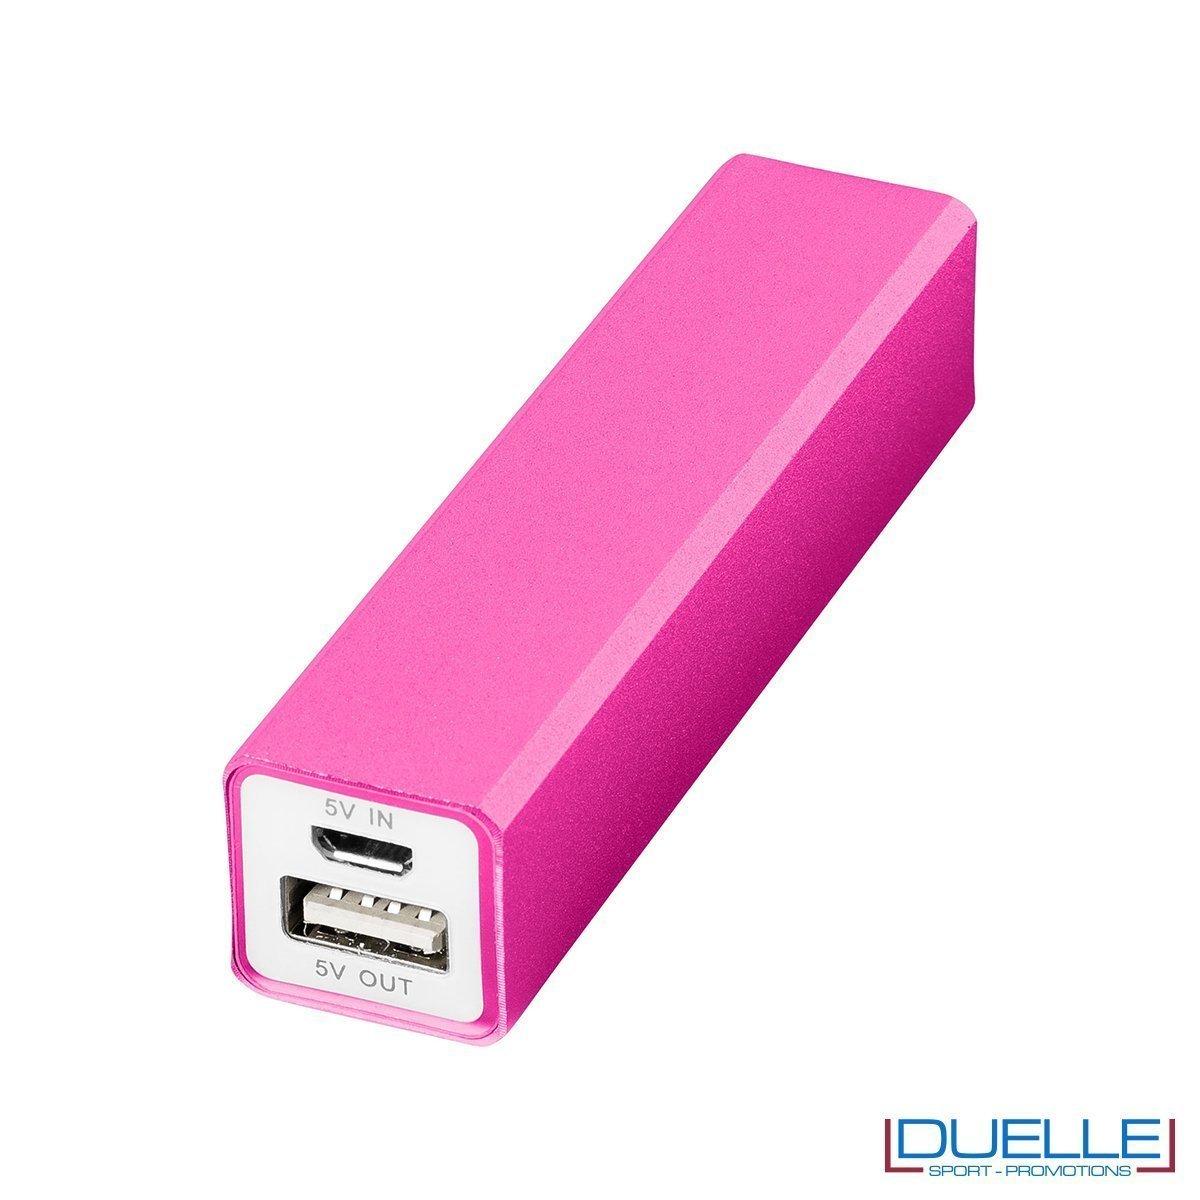 Power bank promozionale in alluminio colore rosa